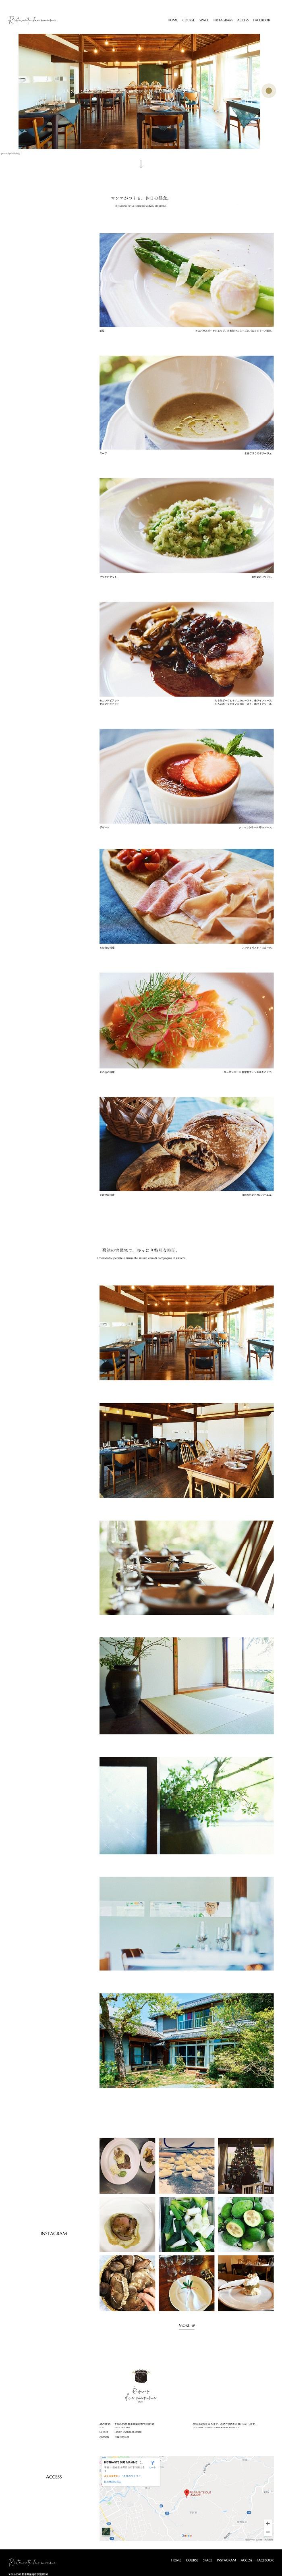 熊本県菊池市のイタリアンレストラン | Ristorante due mamme